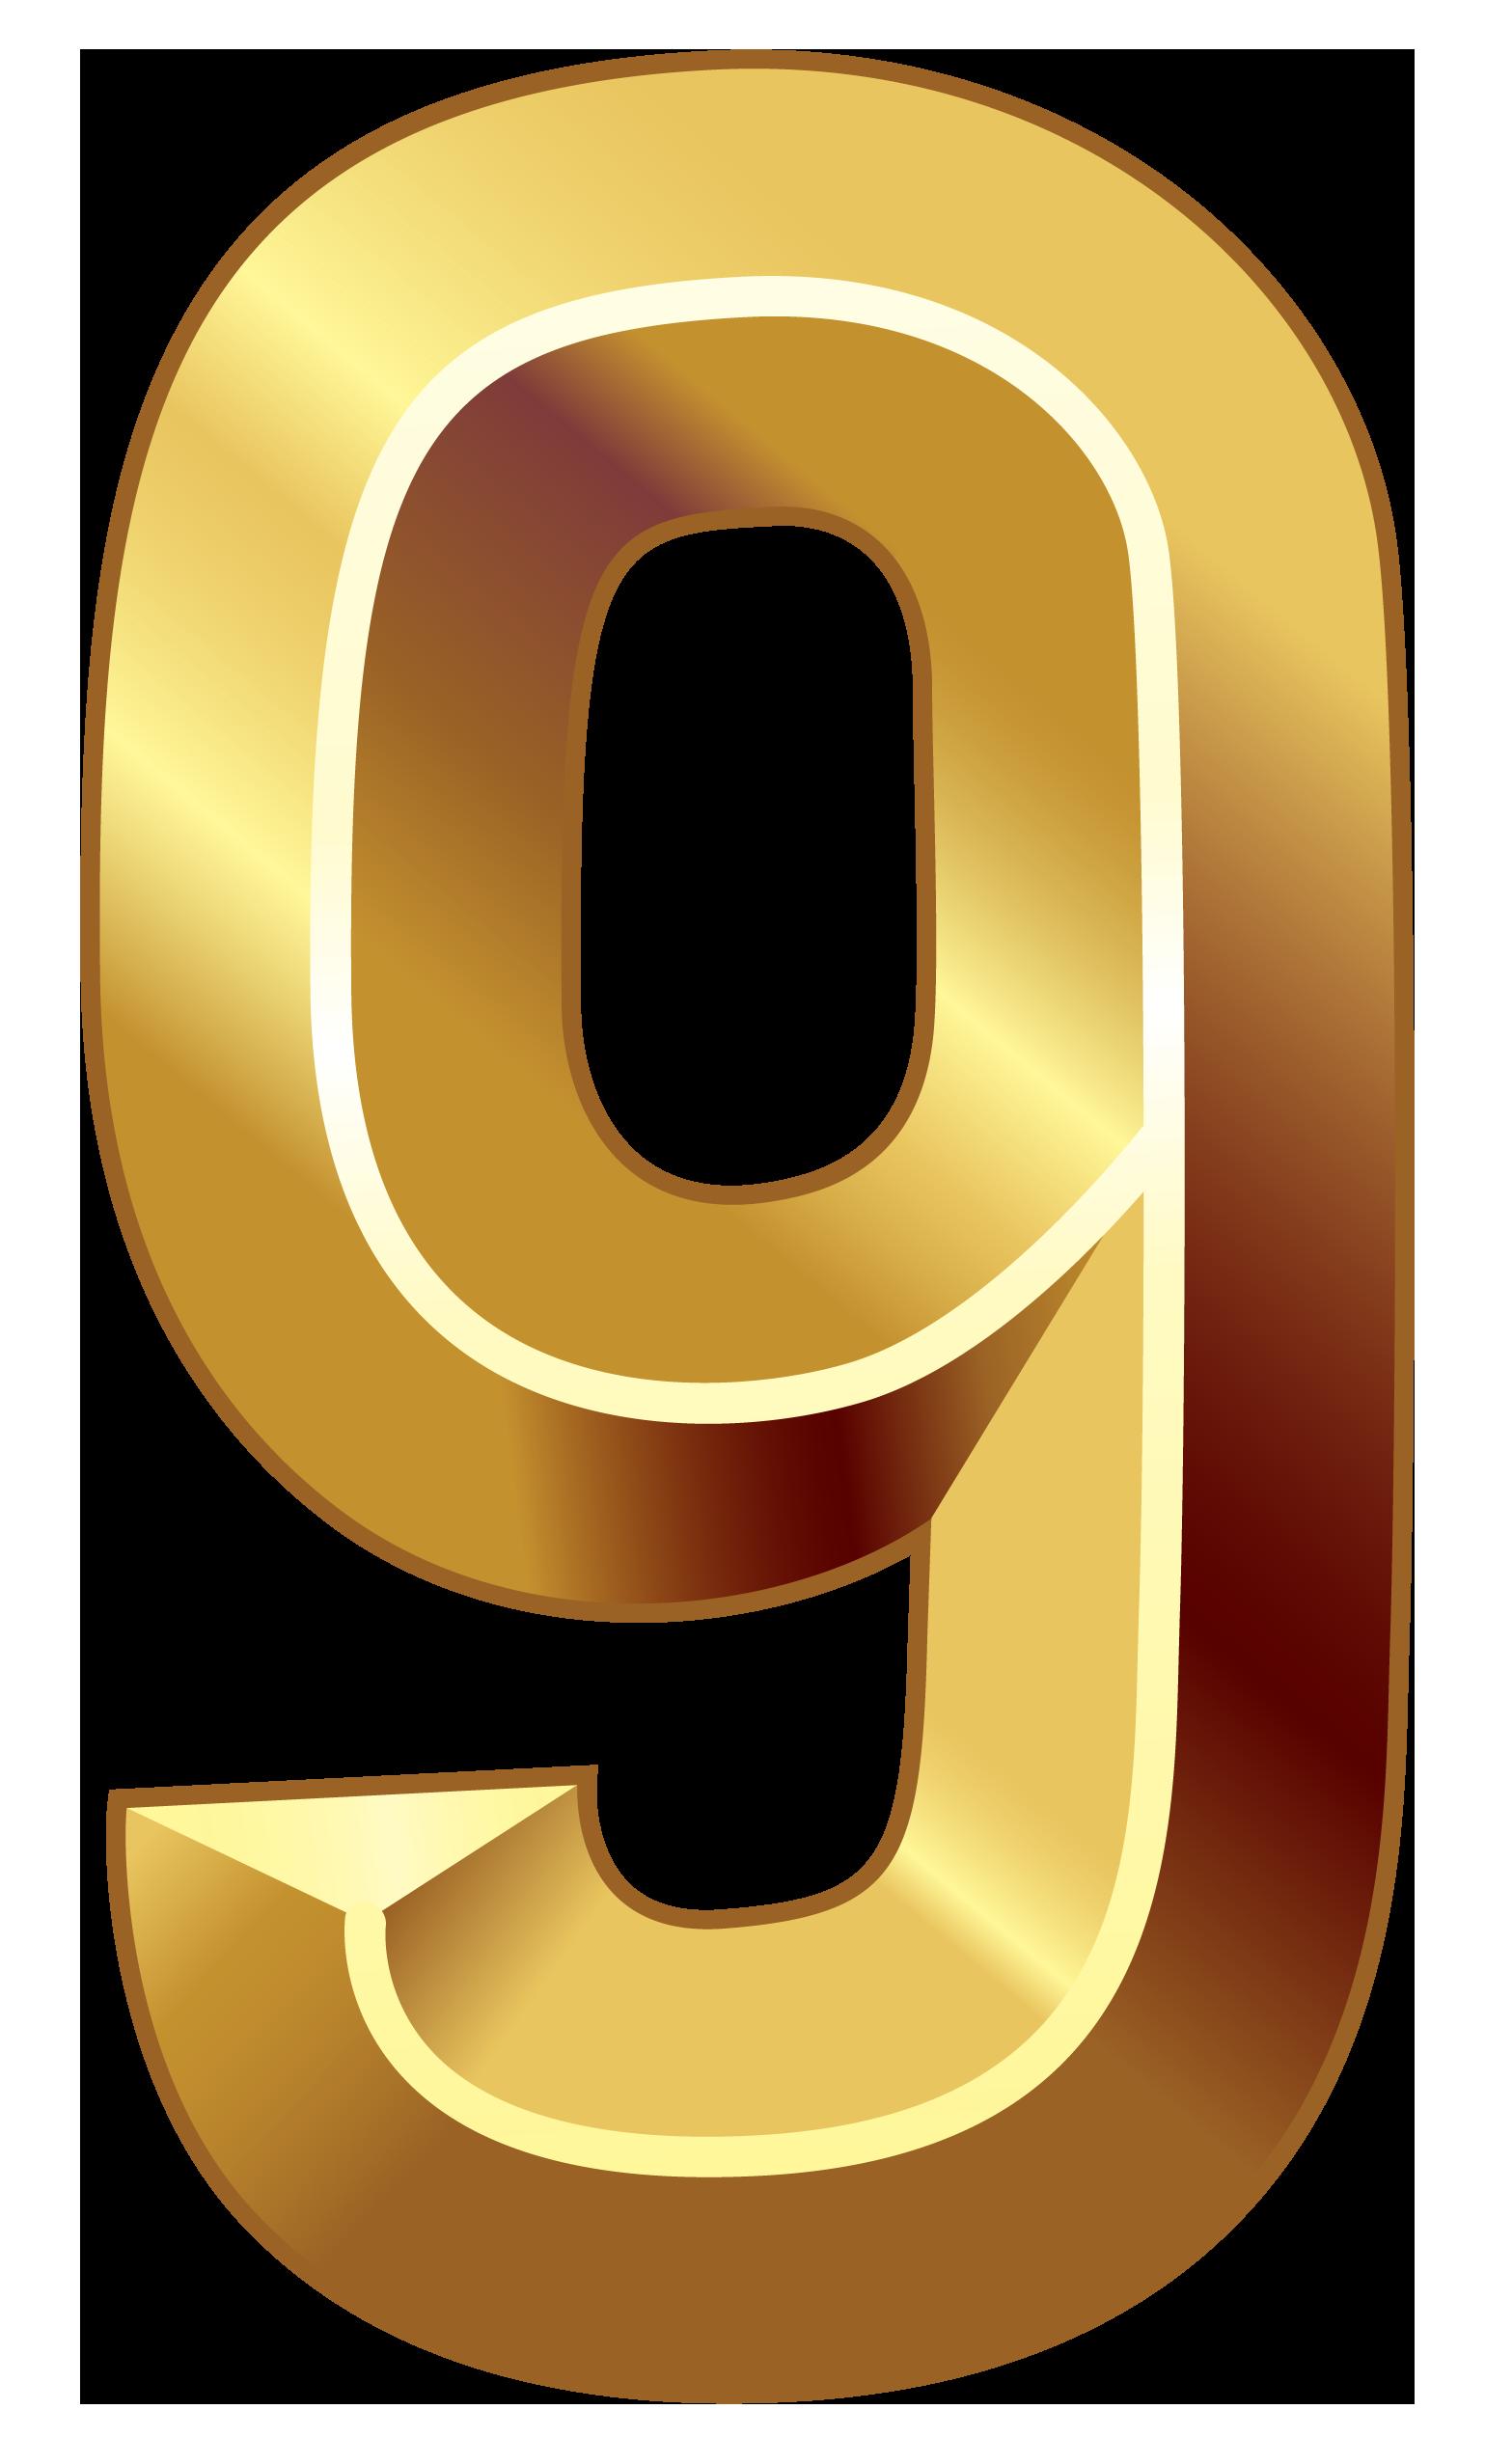 Number 1 clipart number 0. Gold nine png image